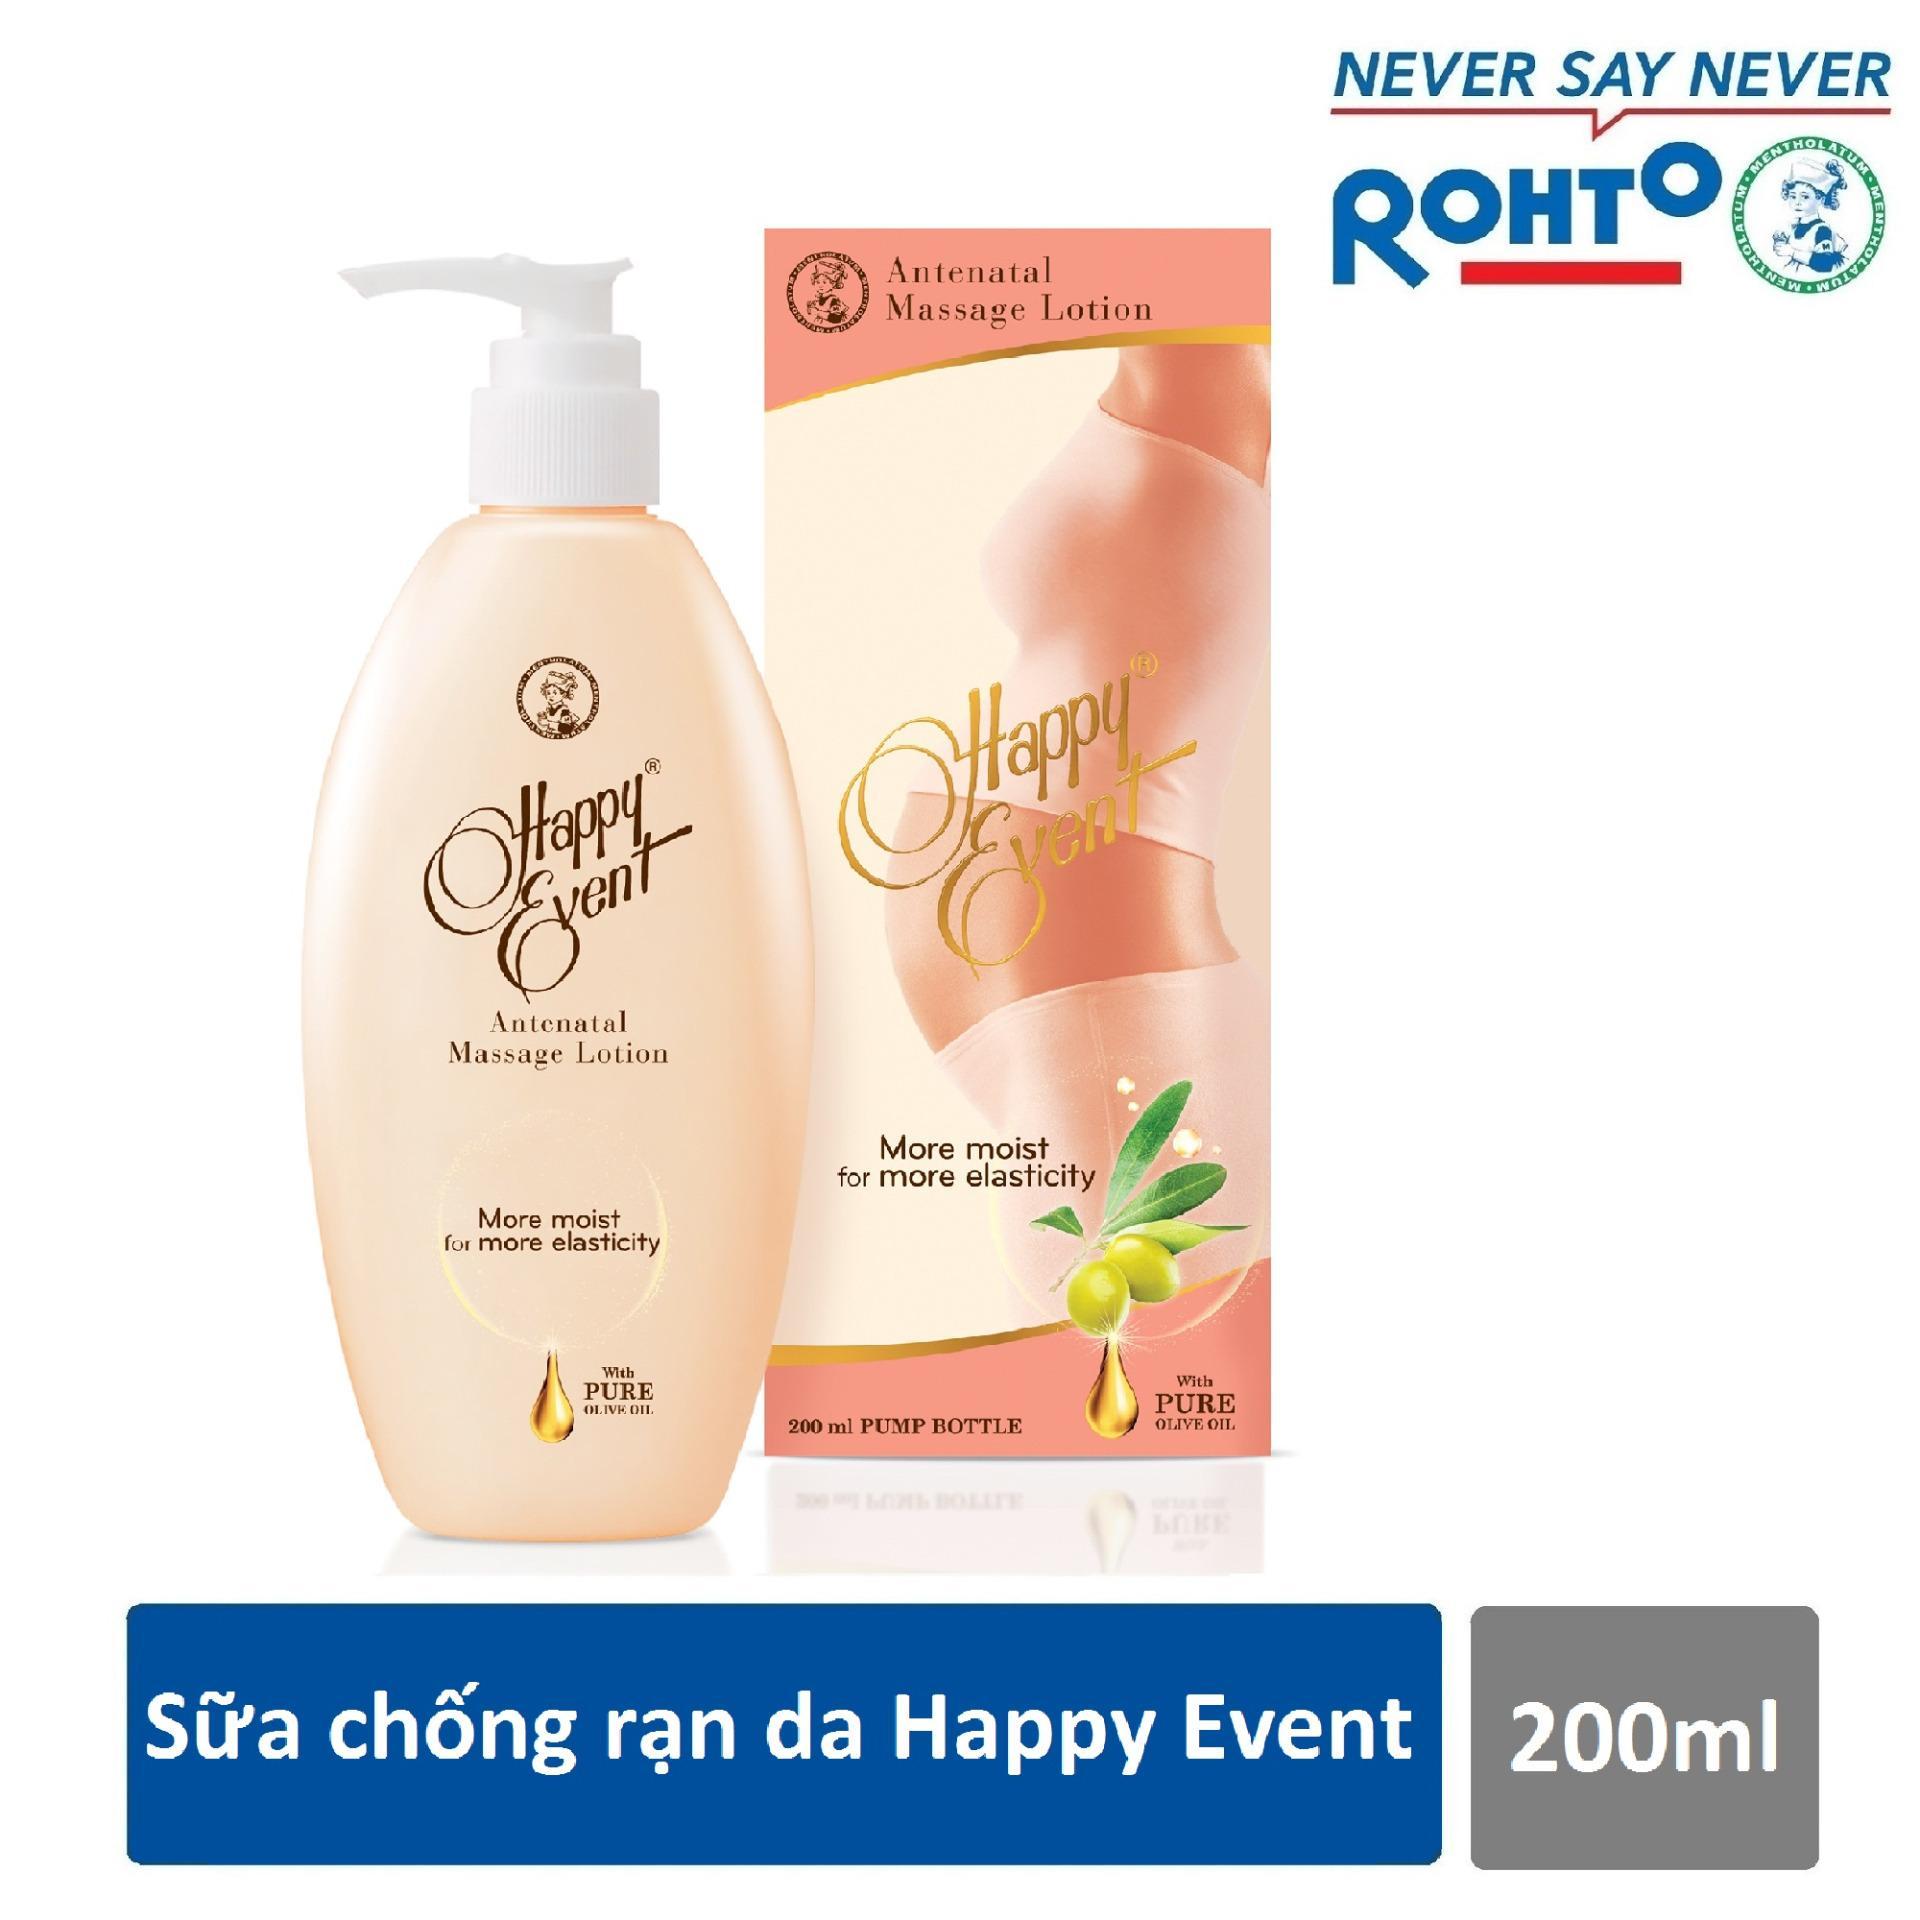 Ôn Tập Sữa Chống Rạn Da Happy Event 200Ml Đồng Gia Cơ Hội Trung Giải Thưởng 20 Triệu